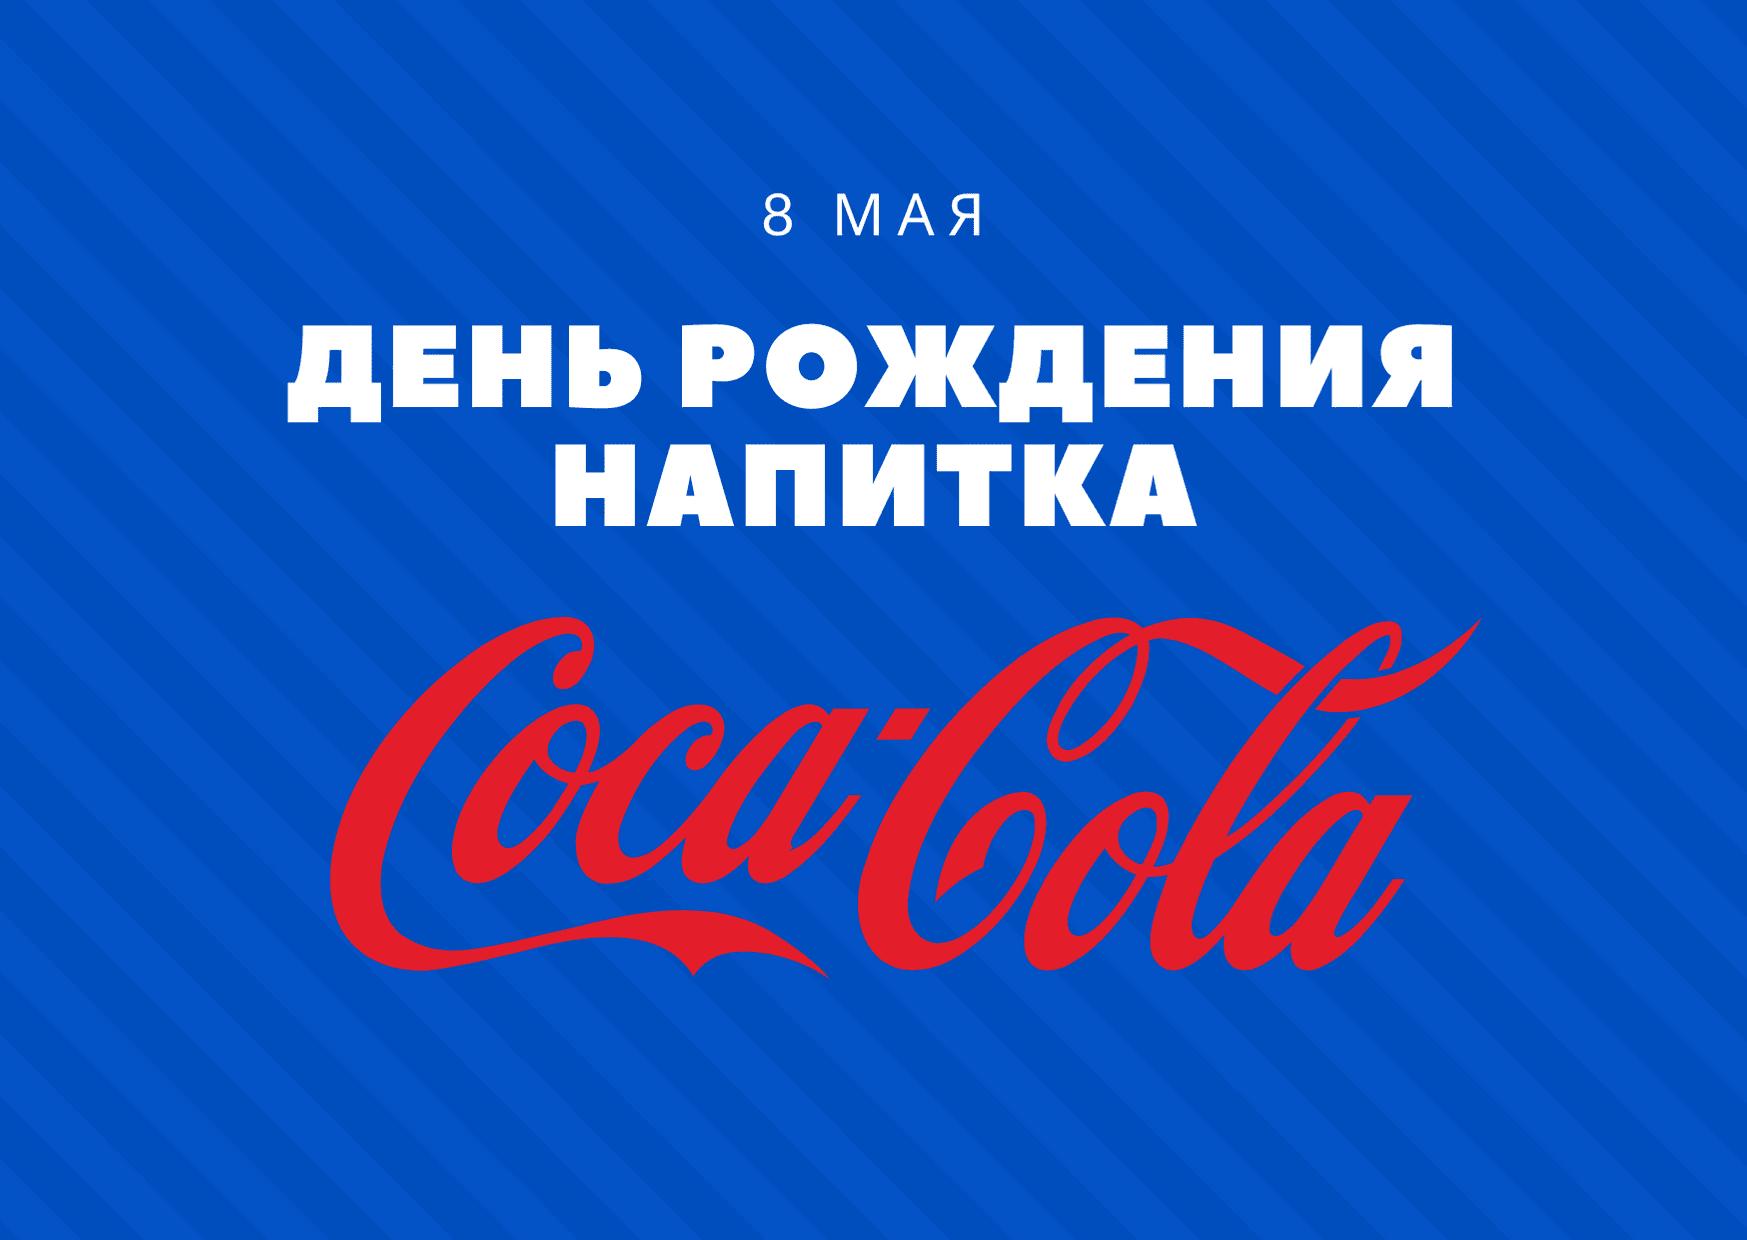 День рождения Кока-колы. 8 мая